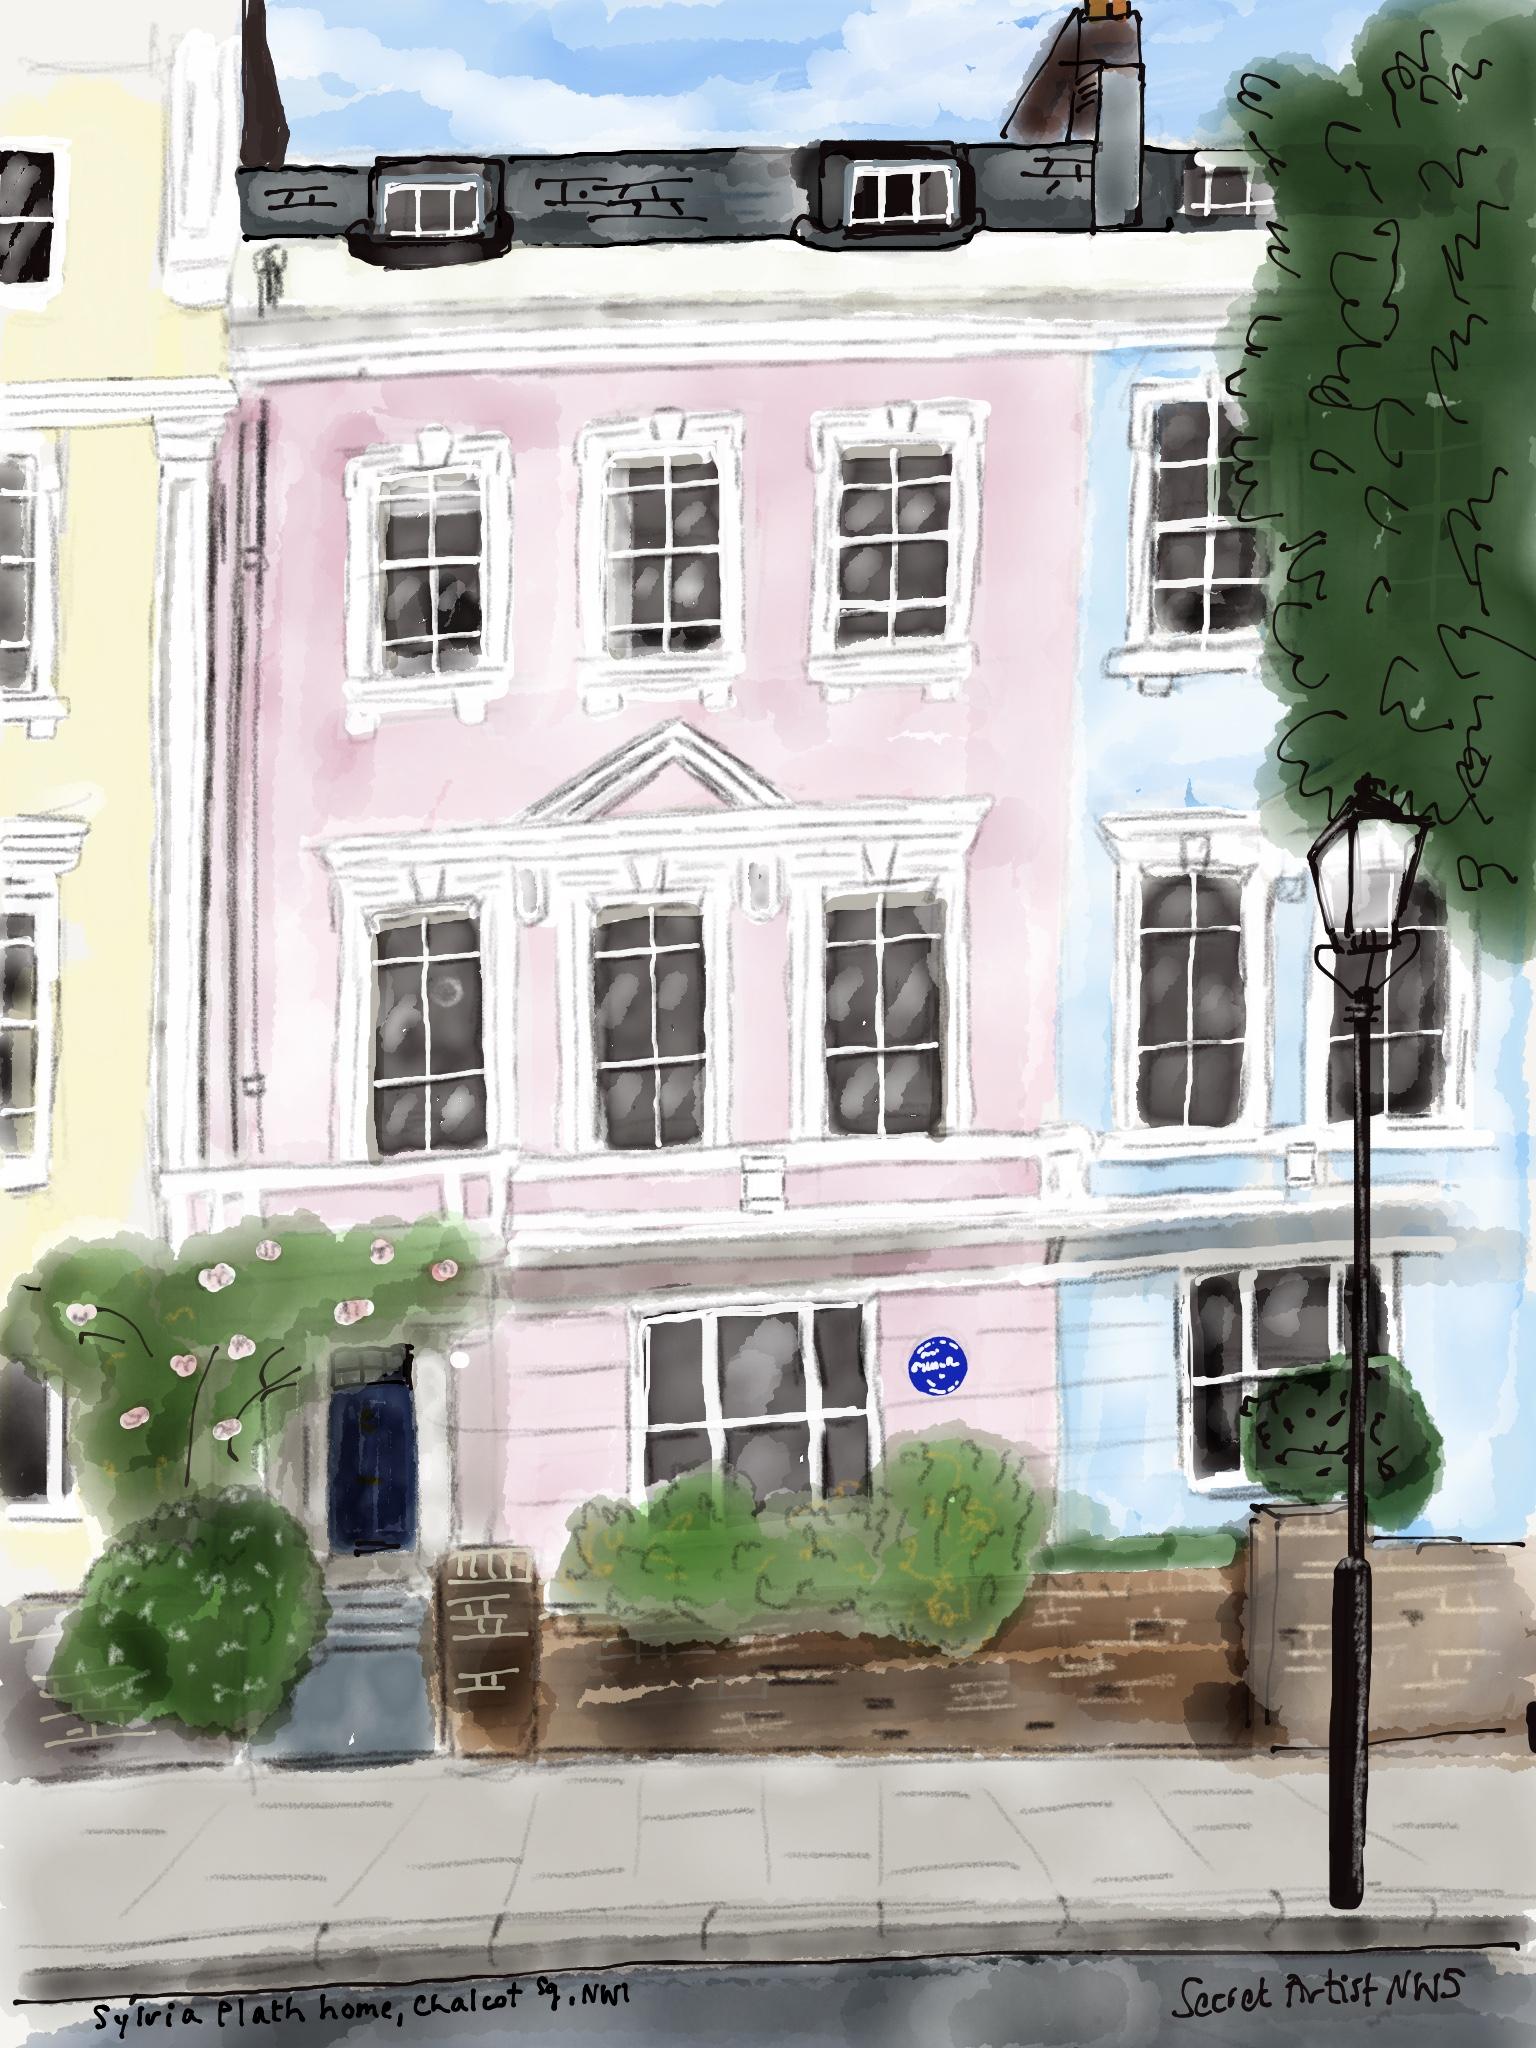 Sylvia Plath house